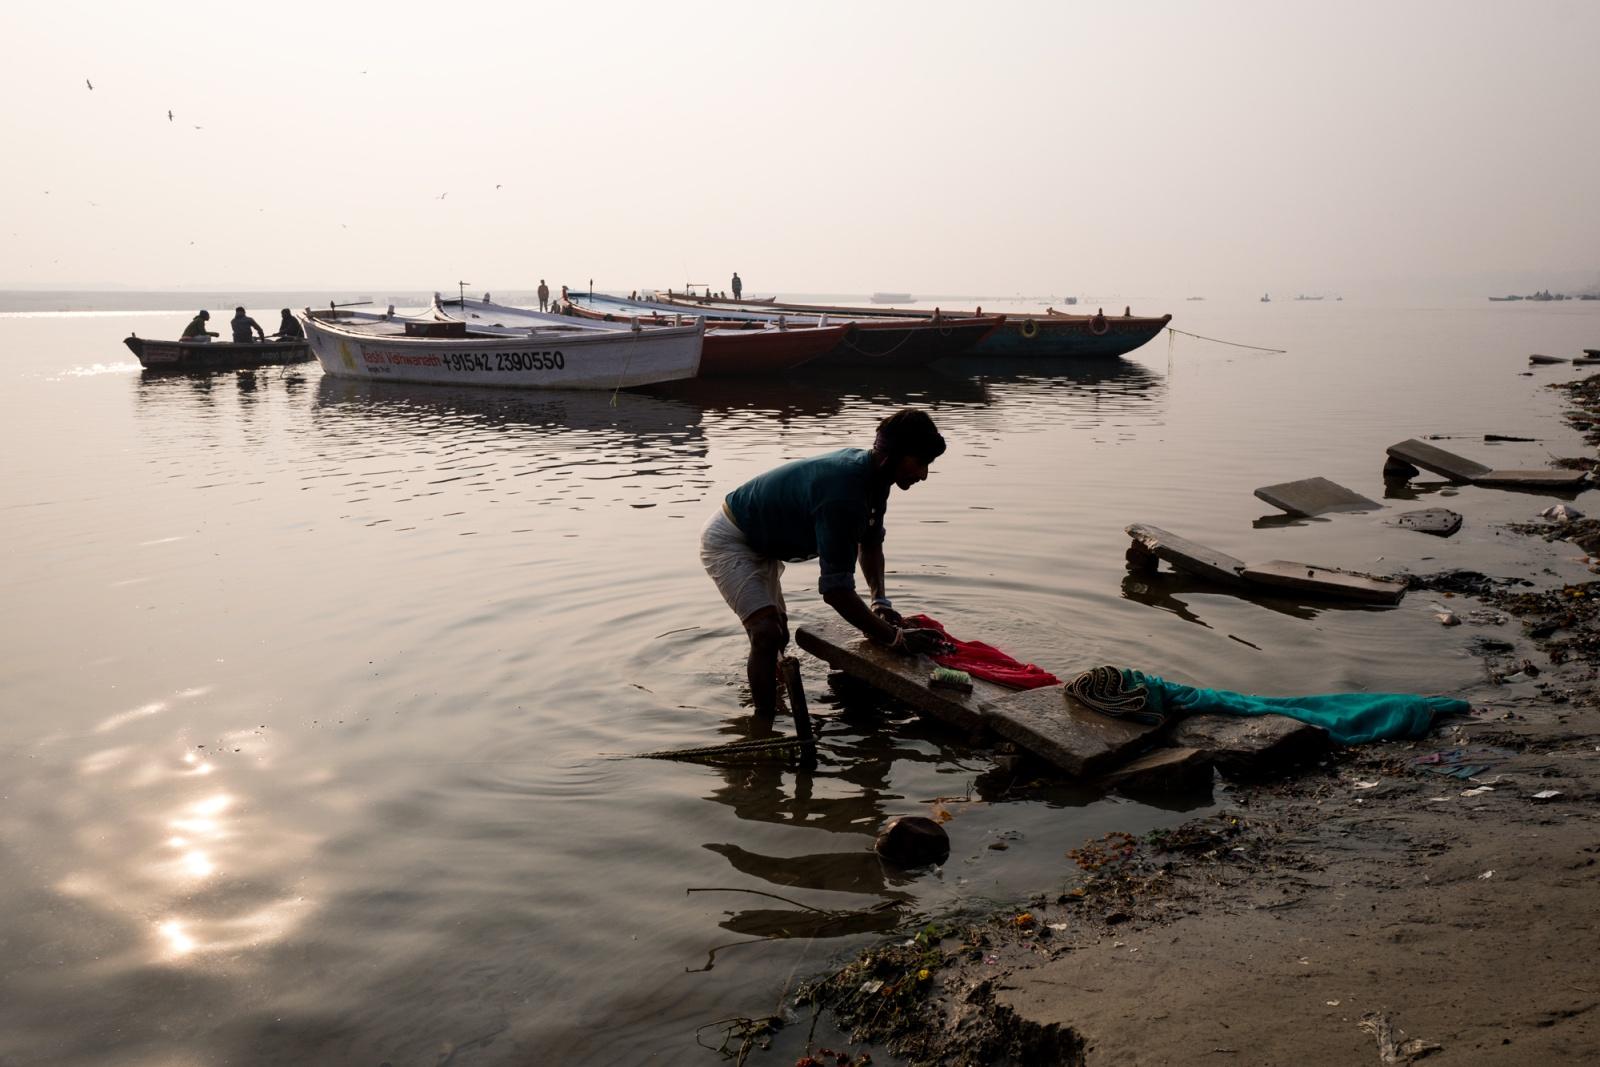 Life on Ganga in Varanasi